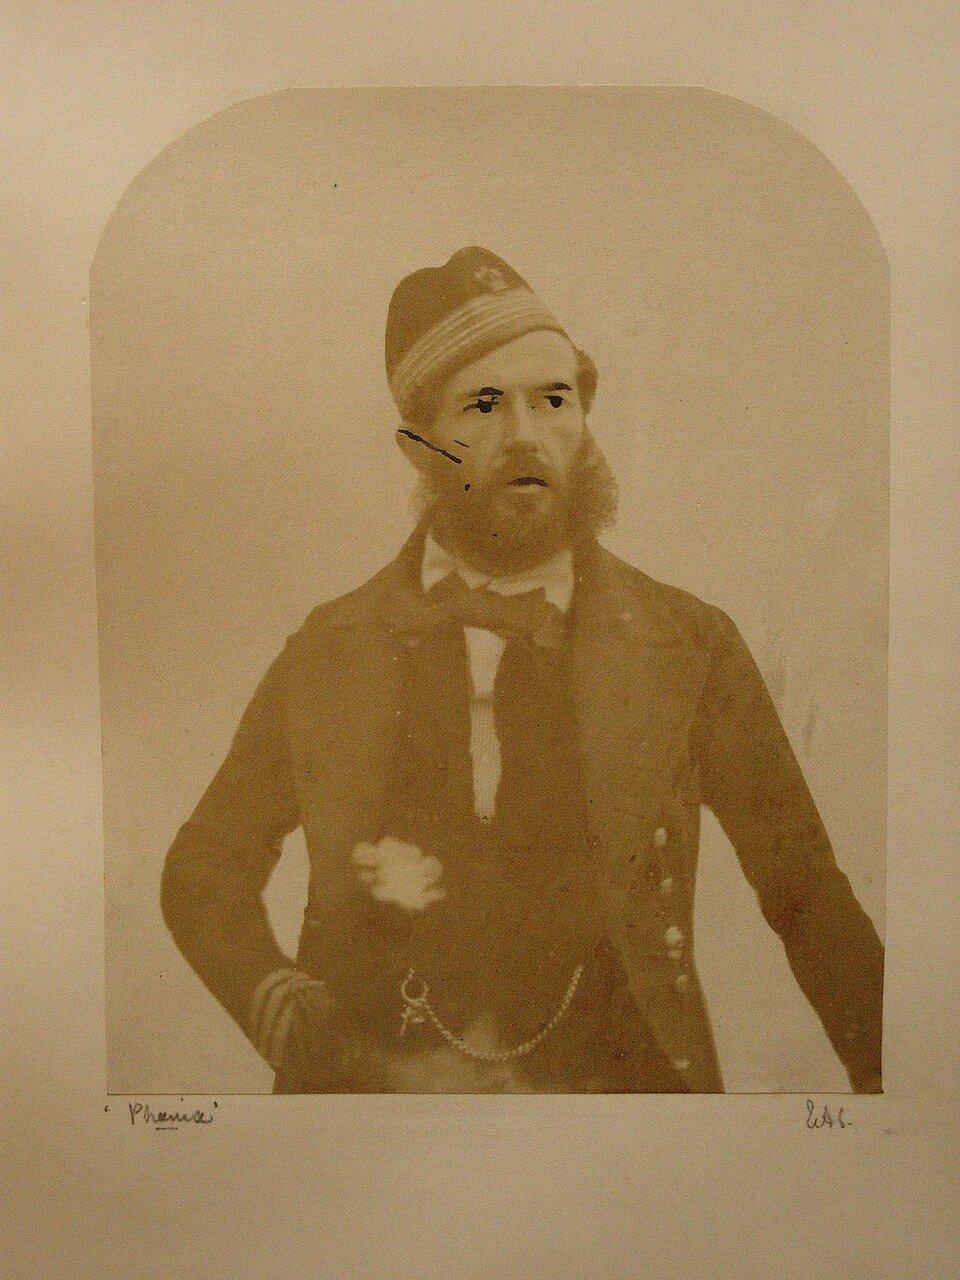 Эдуард Август Ингльфильд (27 марта 1820, Челтнем − 4 сентября 1894, Лондон) — британский адмирал.